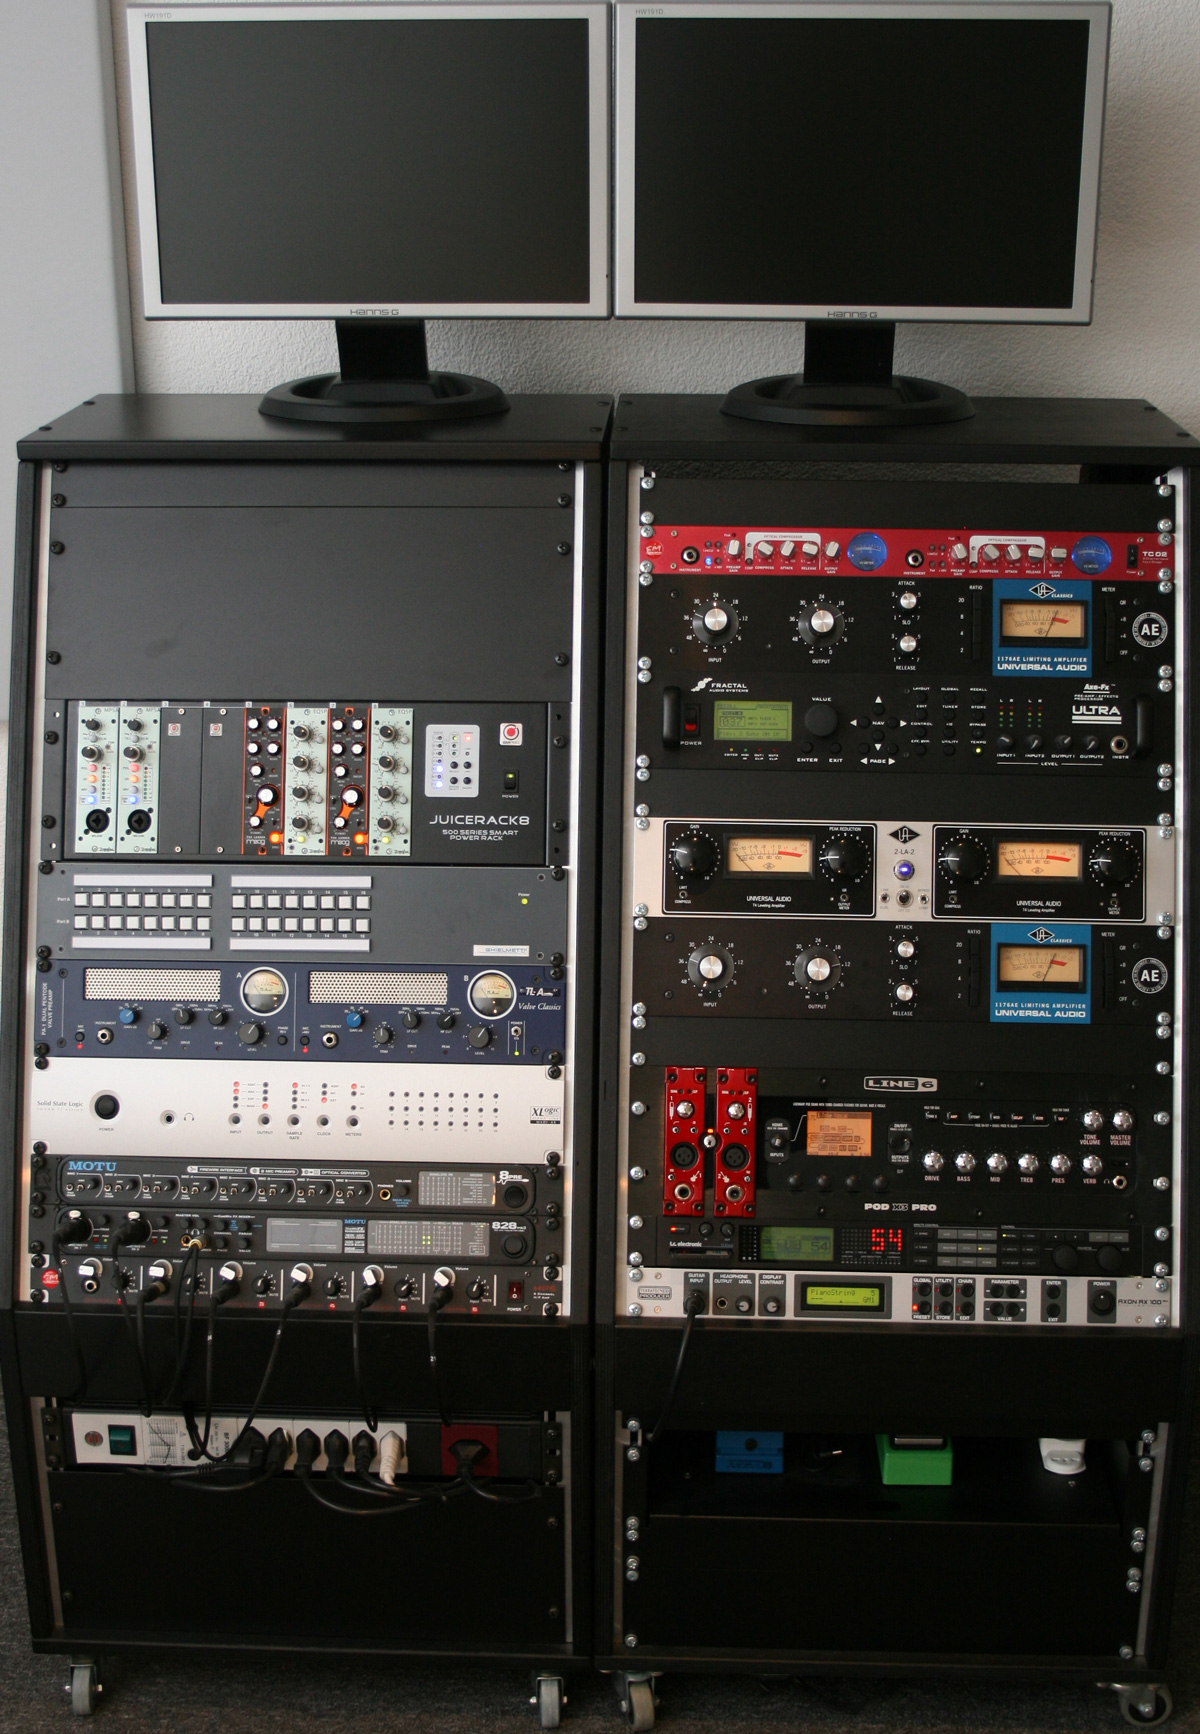 Soundfabrik Rack 2 / Hardware - soundfabrik.ch